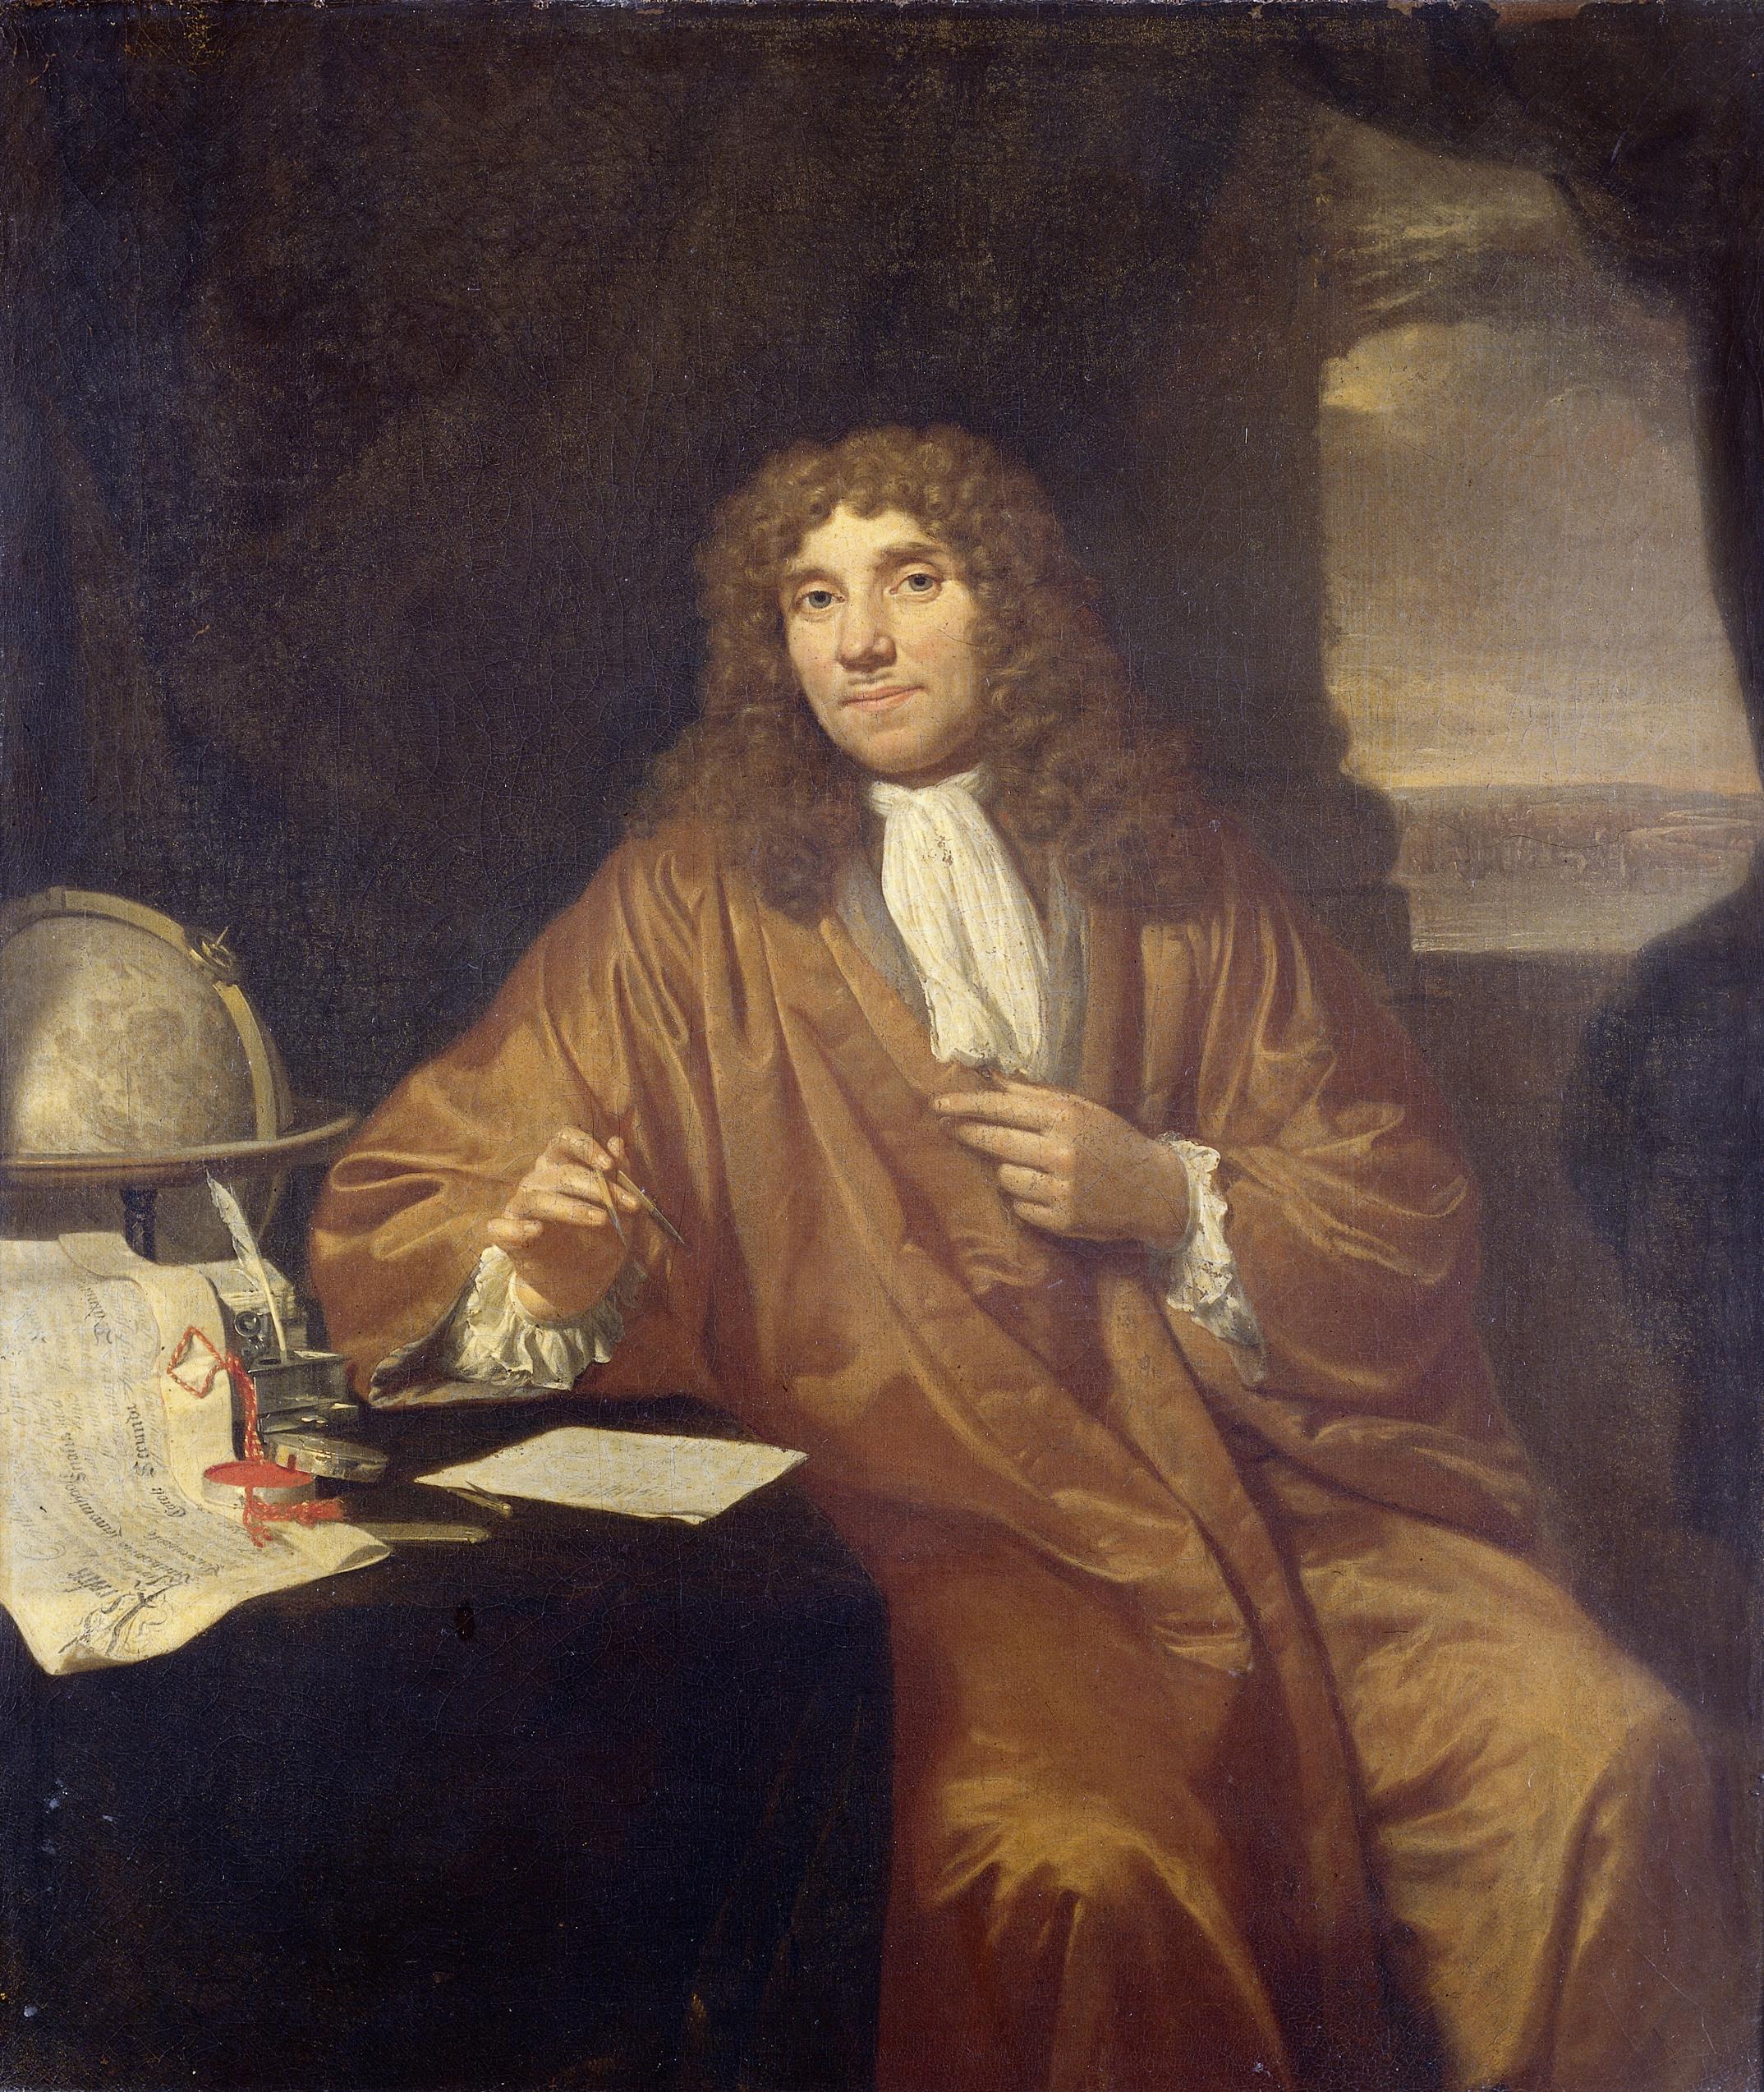 anthonie_van_leeuwenhoek_1632-1723-_natuurkundige_te_delft_rijksmuseum_sk-a-957